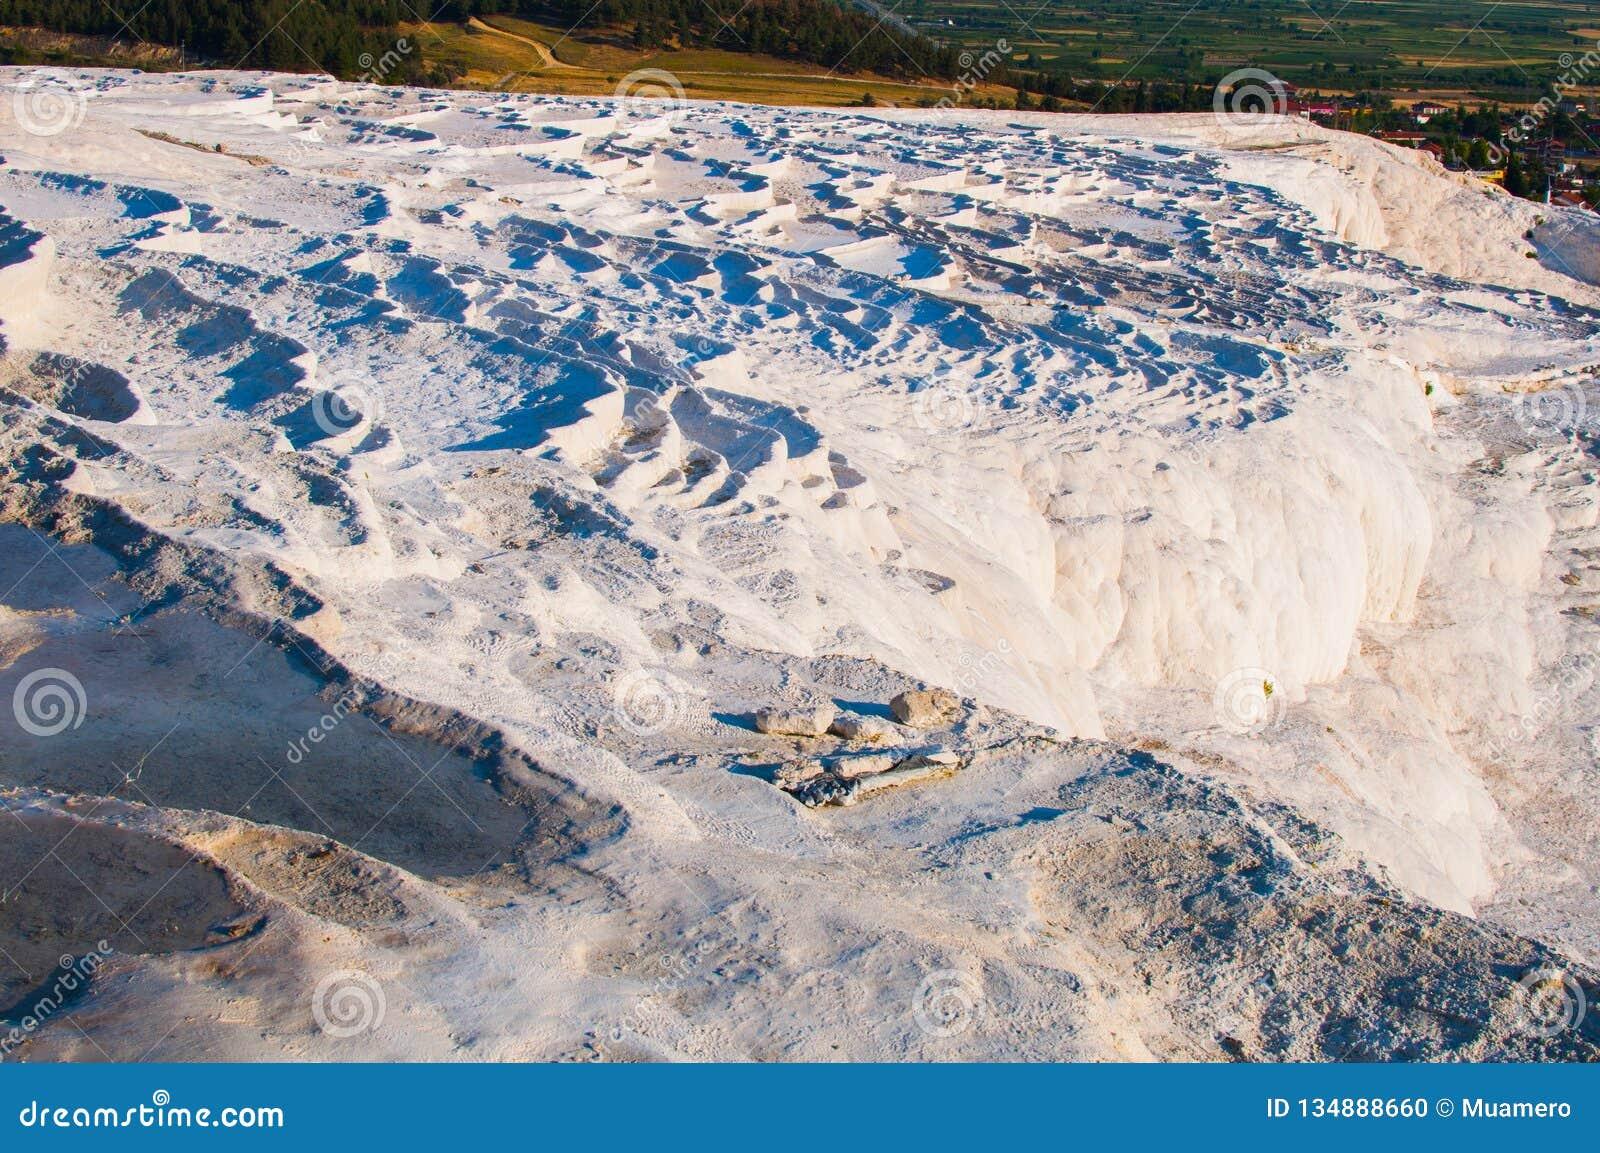 As piscinas pequenas completas da água nas rochas brancas feitas do carbonato de cálcio